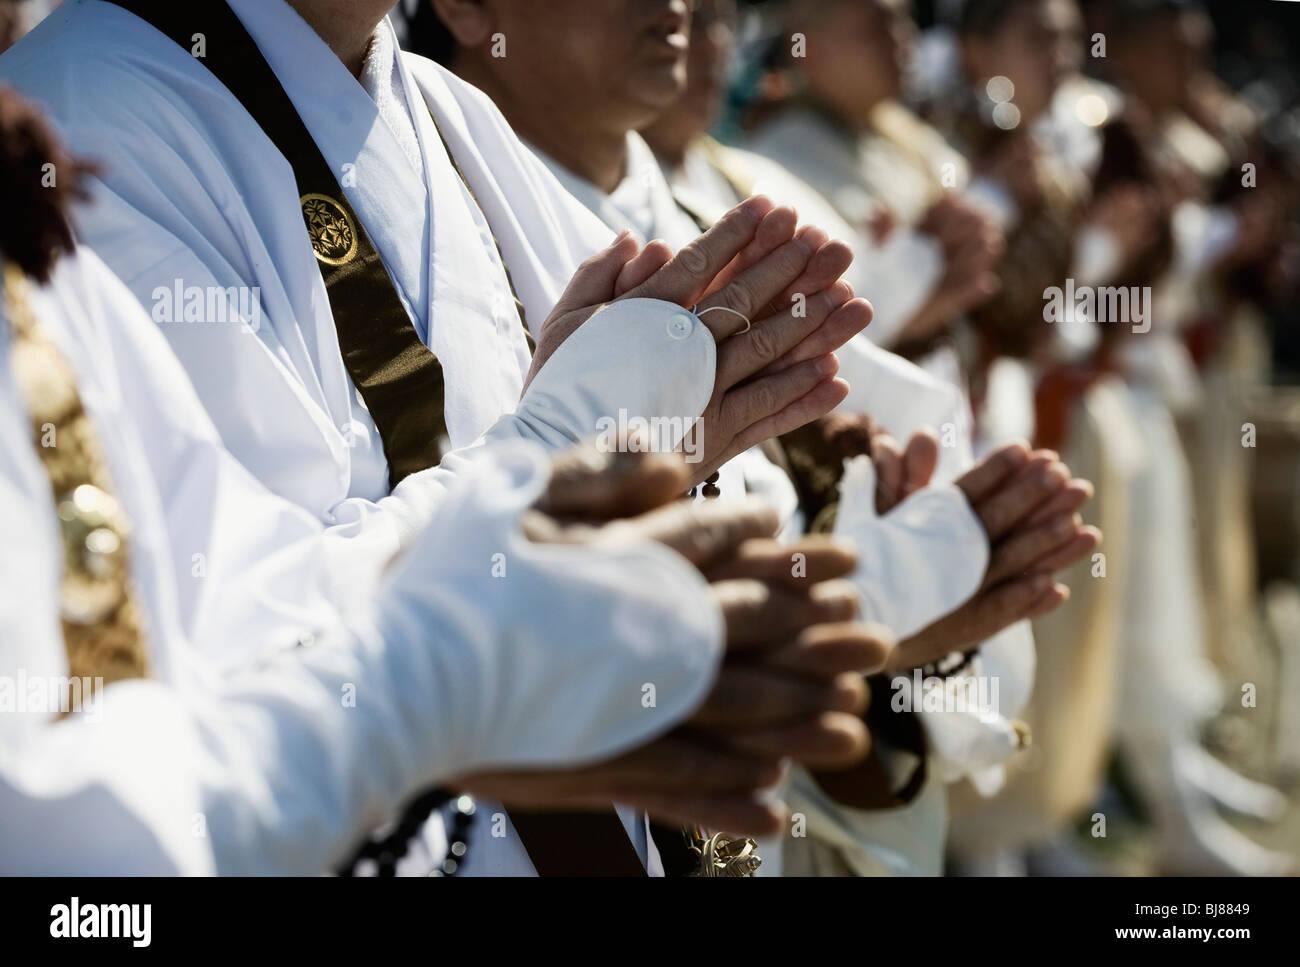 Los seguidores de la secta Shingon del Budismo chant sutras sagradas durante un ritual de purificación cerca de Foto de stock